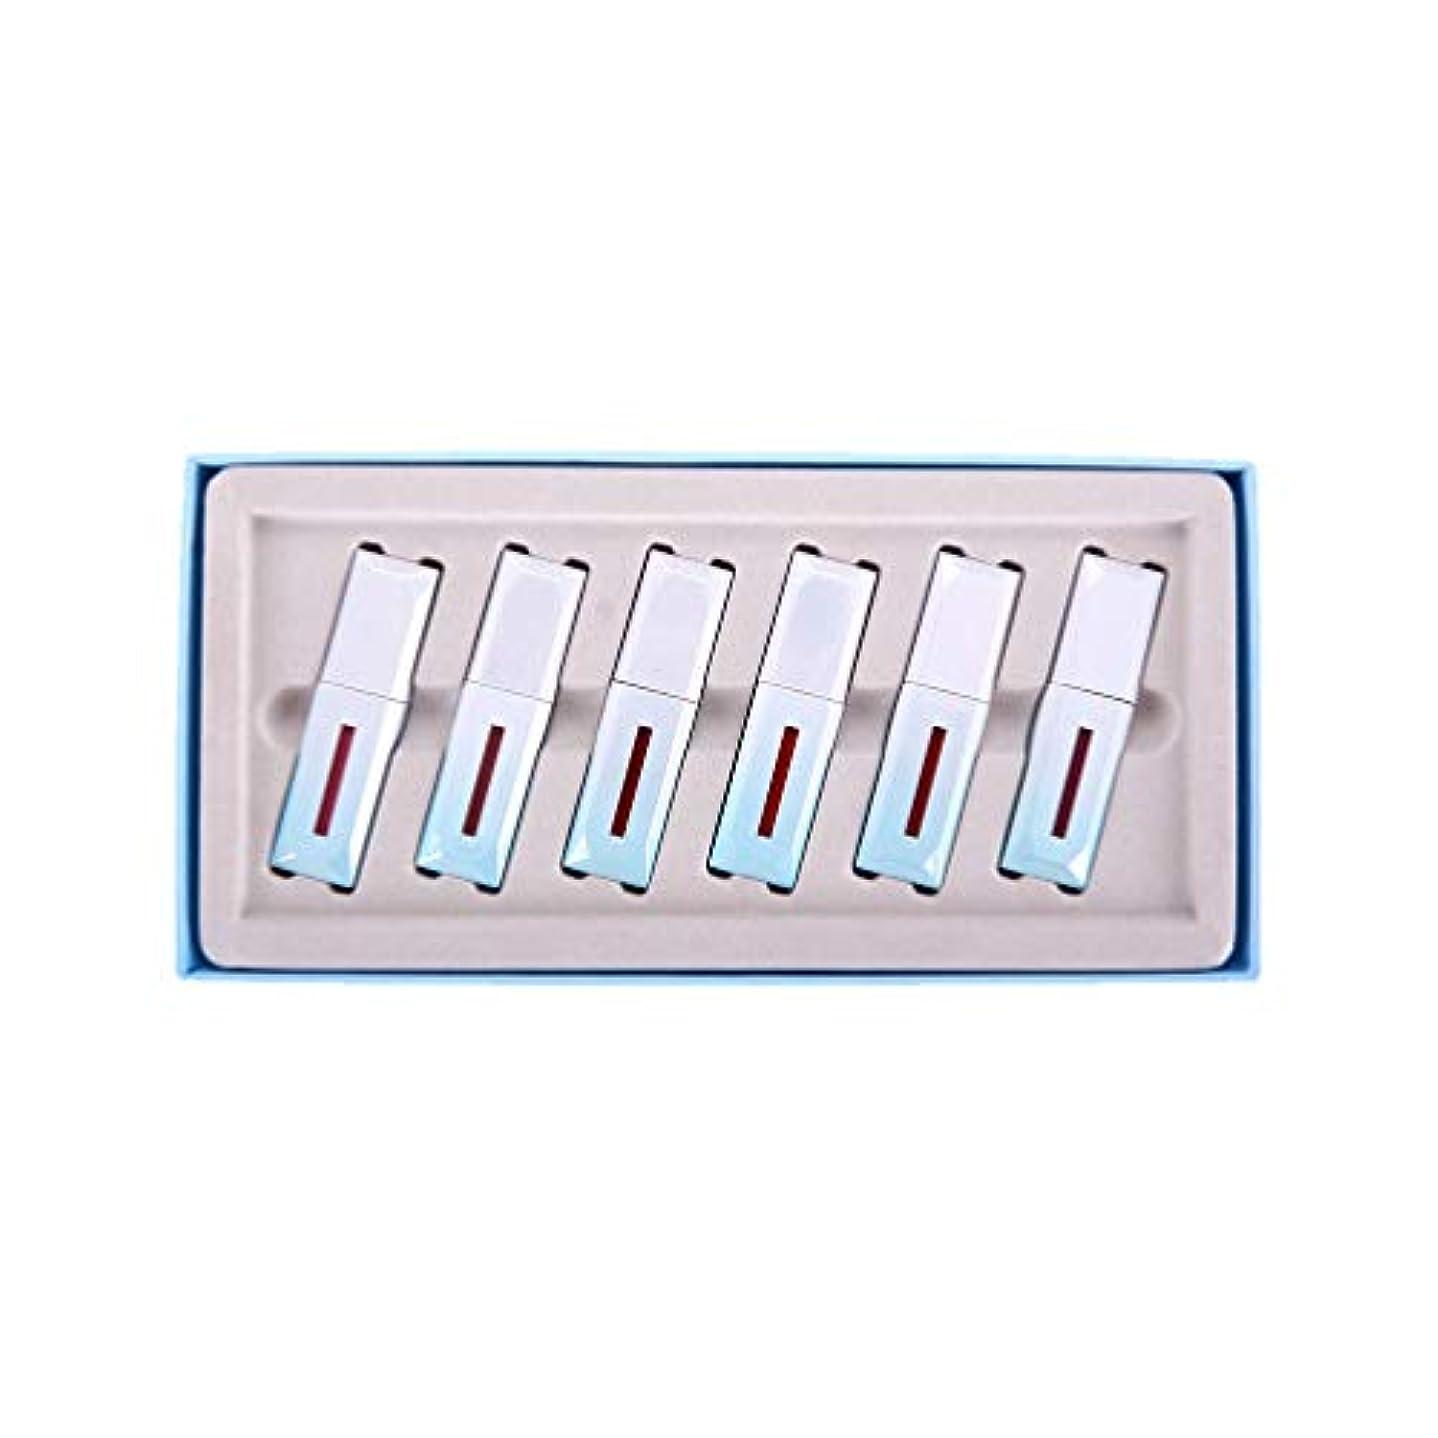 できた水平シェルMinkissy 6ピースマット口紅セット長続き防水液体リップグロス美容艶をかけられたミスト口紅ボックス用女性女の子レディースギフト